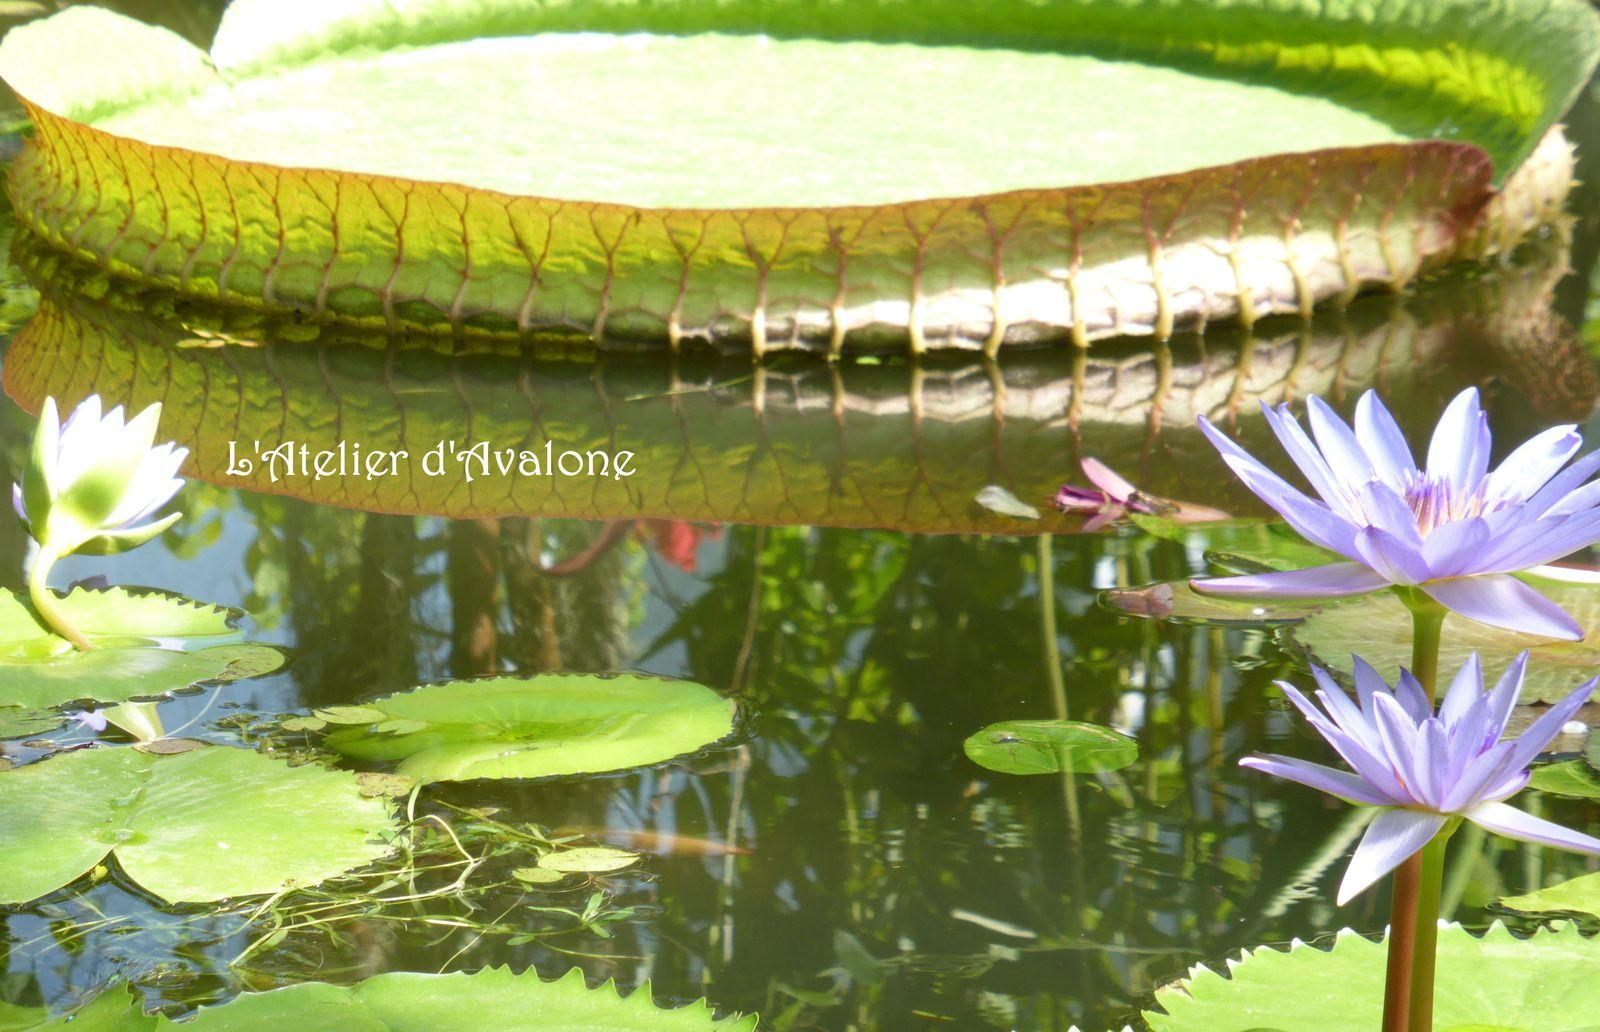 Photographie d'art numérique. Au fil de l'eau vive. Août 2014.